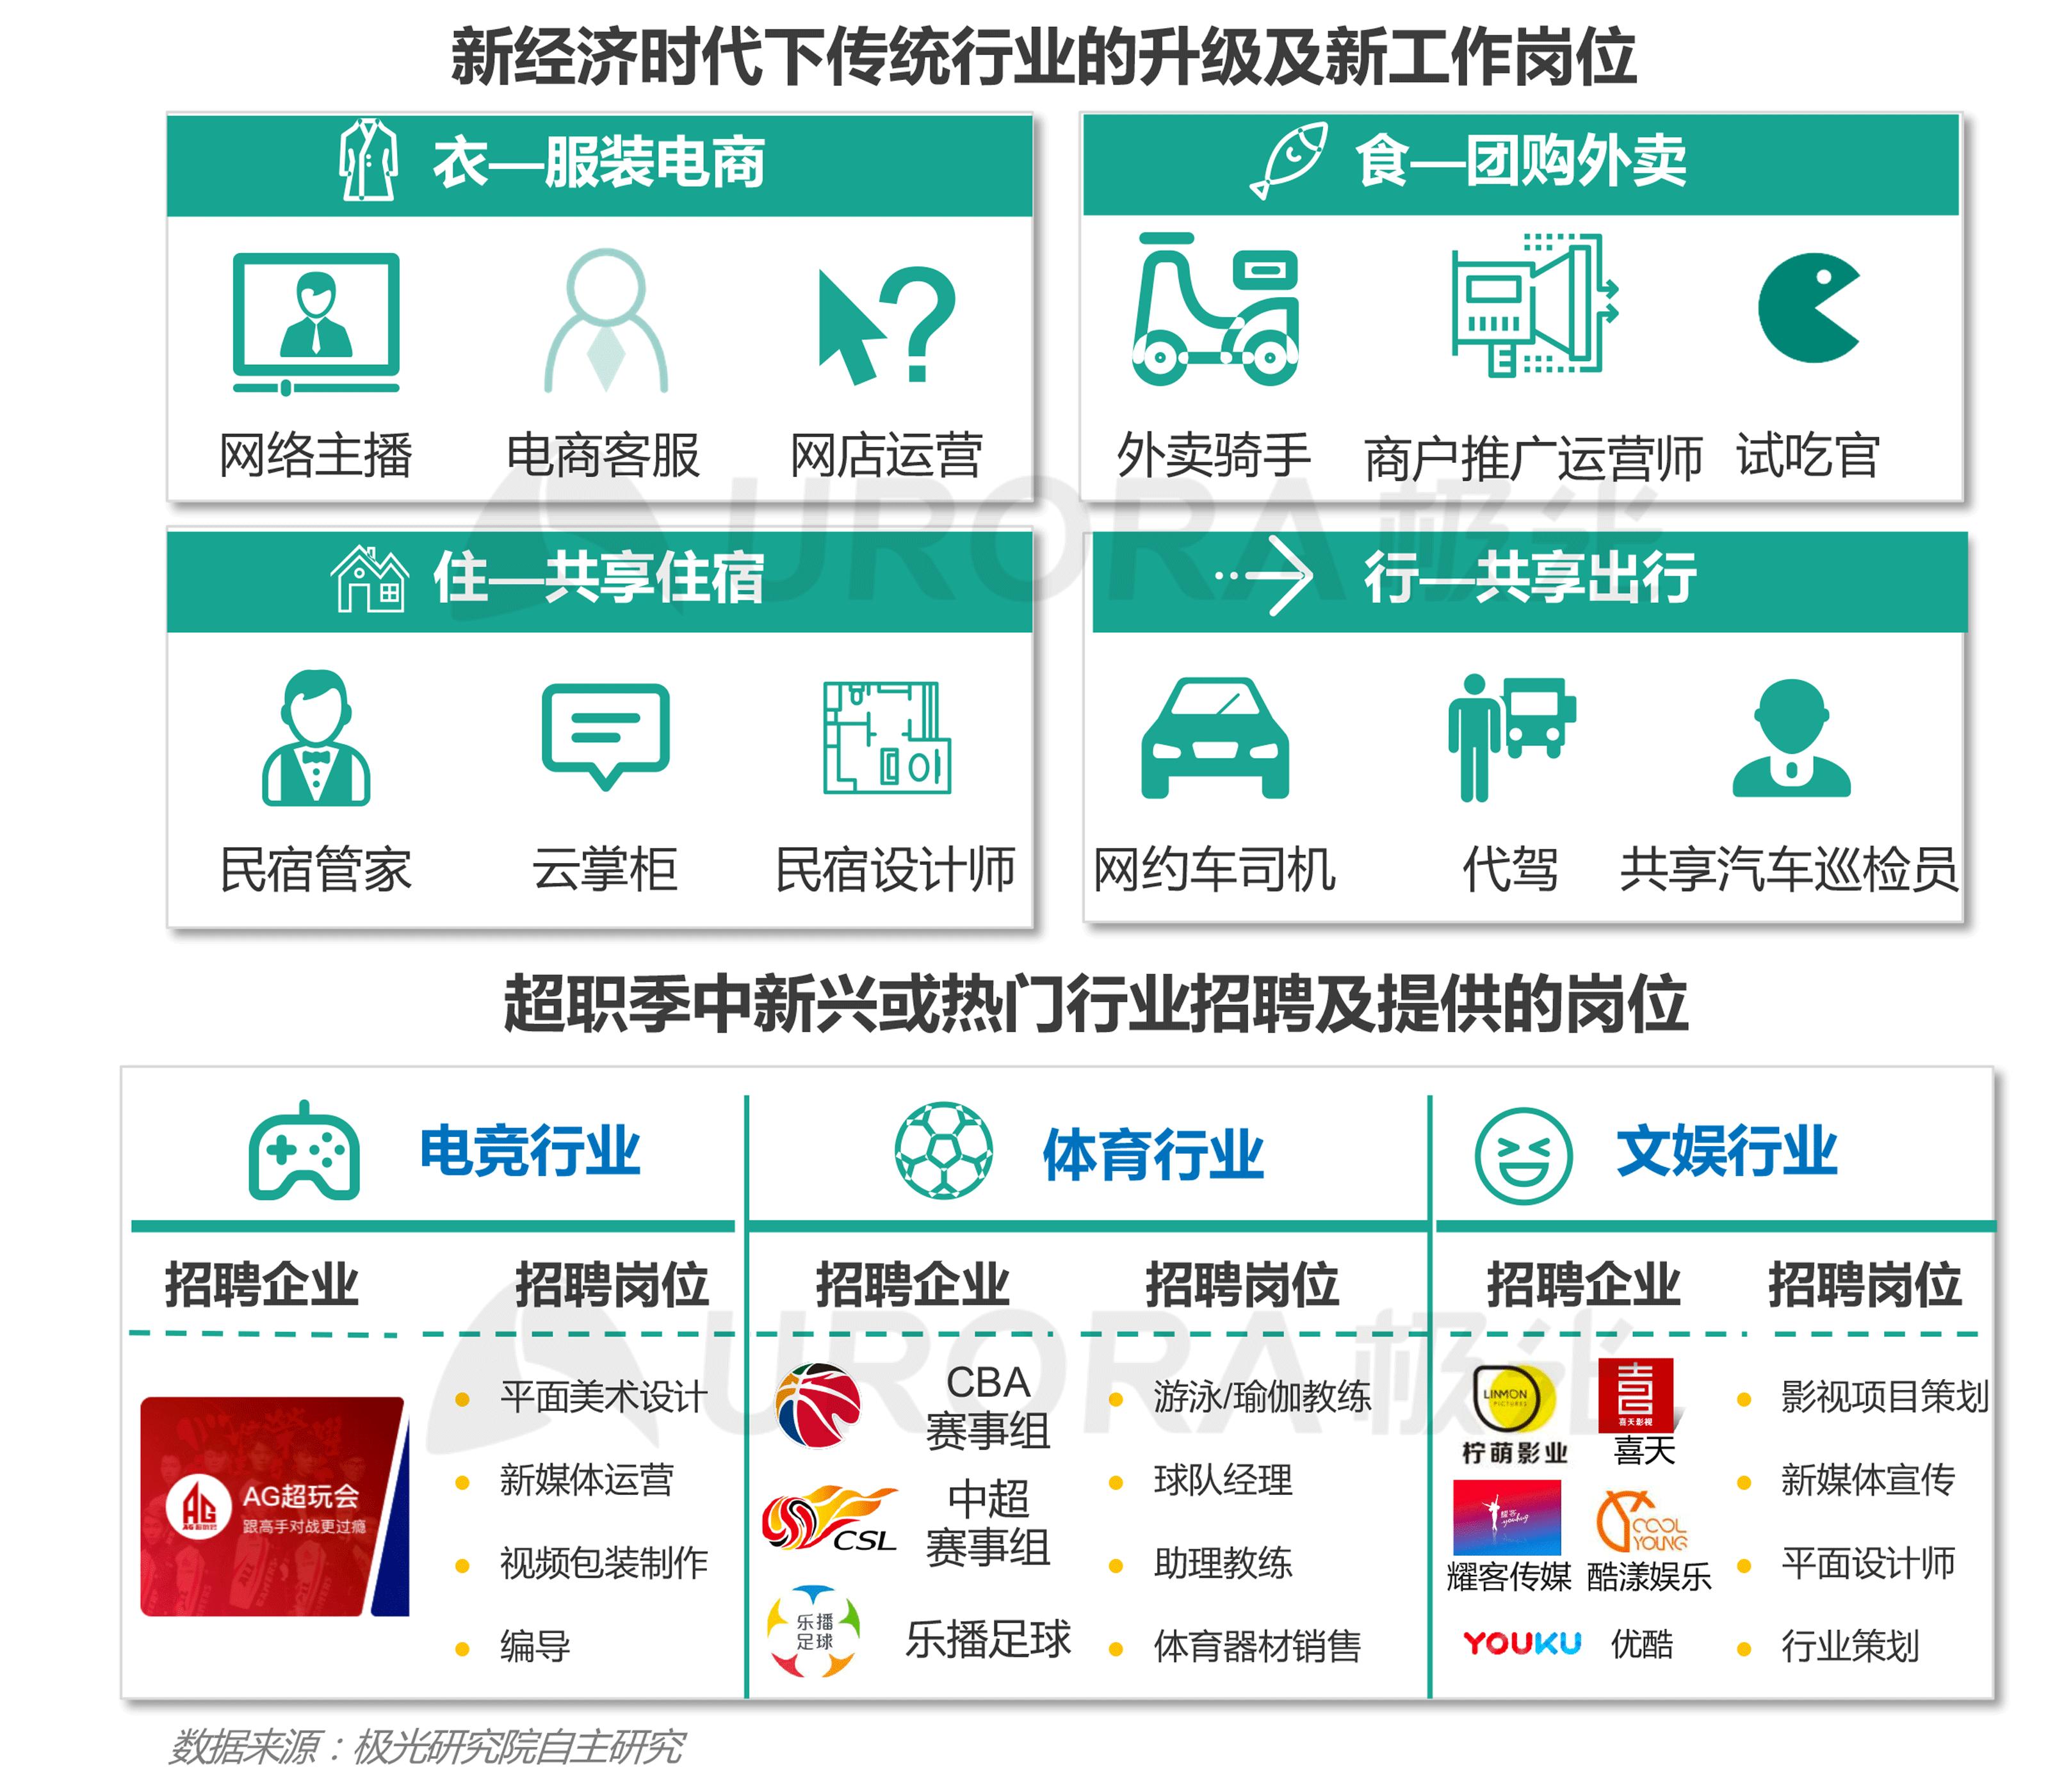 """""""超职季""""招聘行业报告-汇总版 (29).png"""